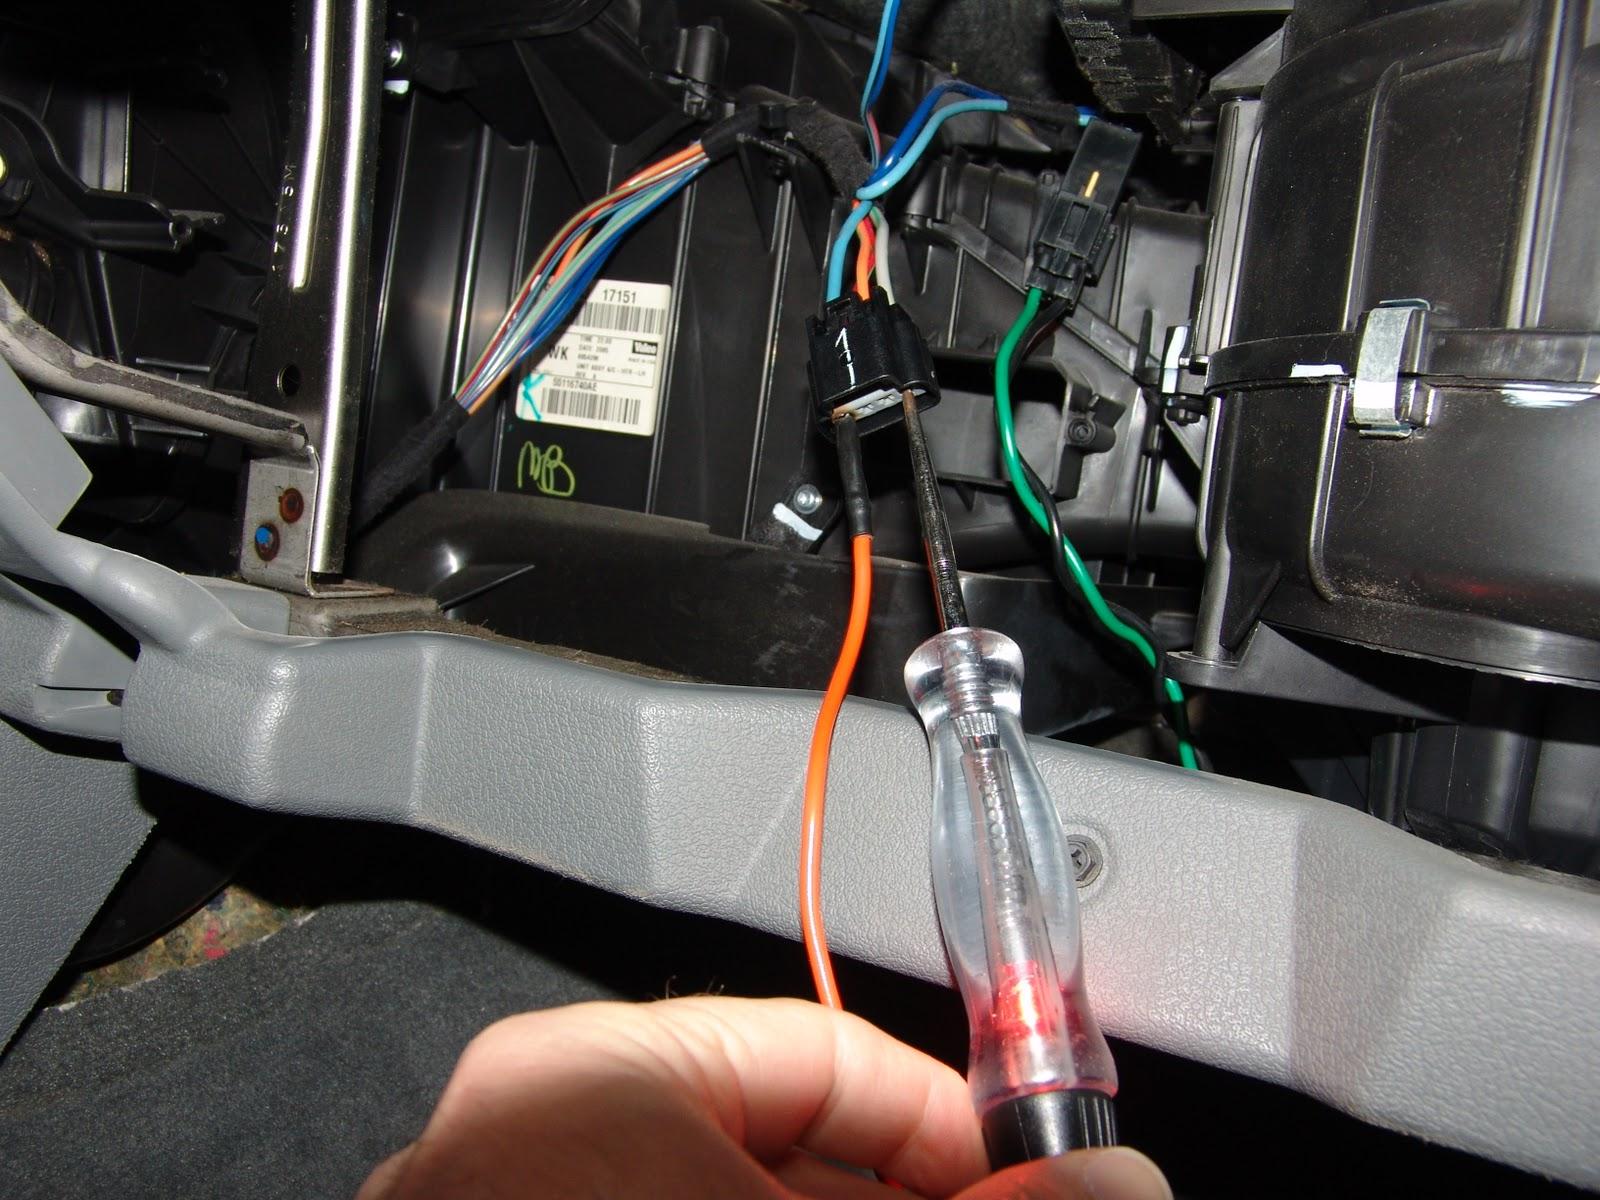 DSC04748 Xj Trailer Wiring Harness on trailer plugs, trailer generator, trailer fuses, trailer hitch harness, trailer mounting brackets, trailer brakes,